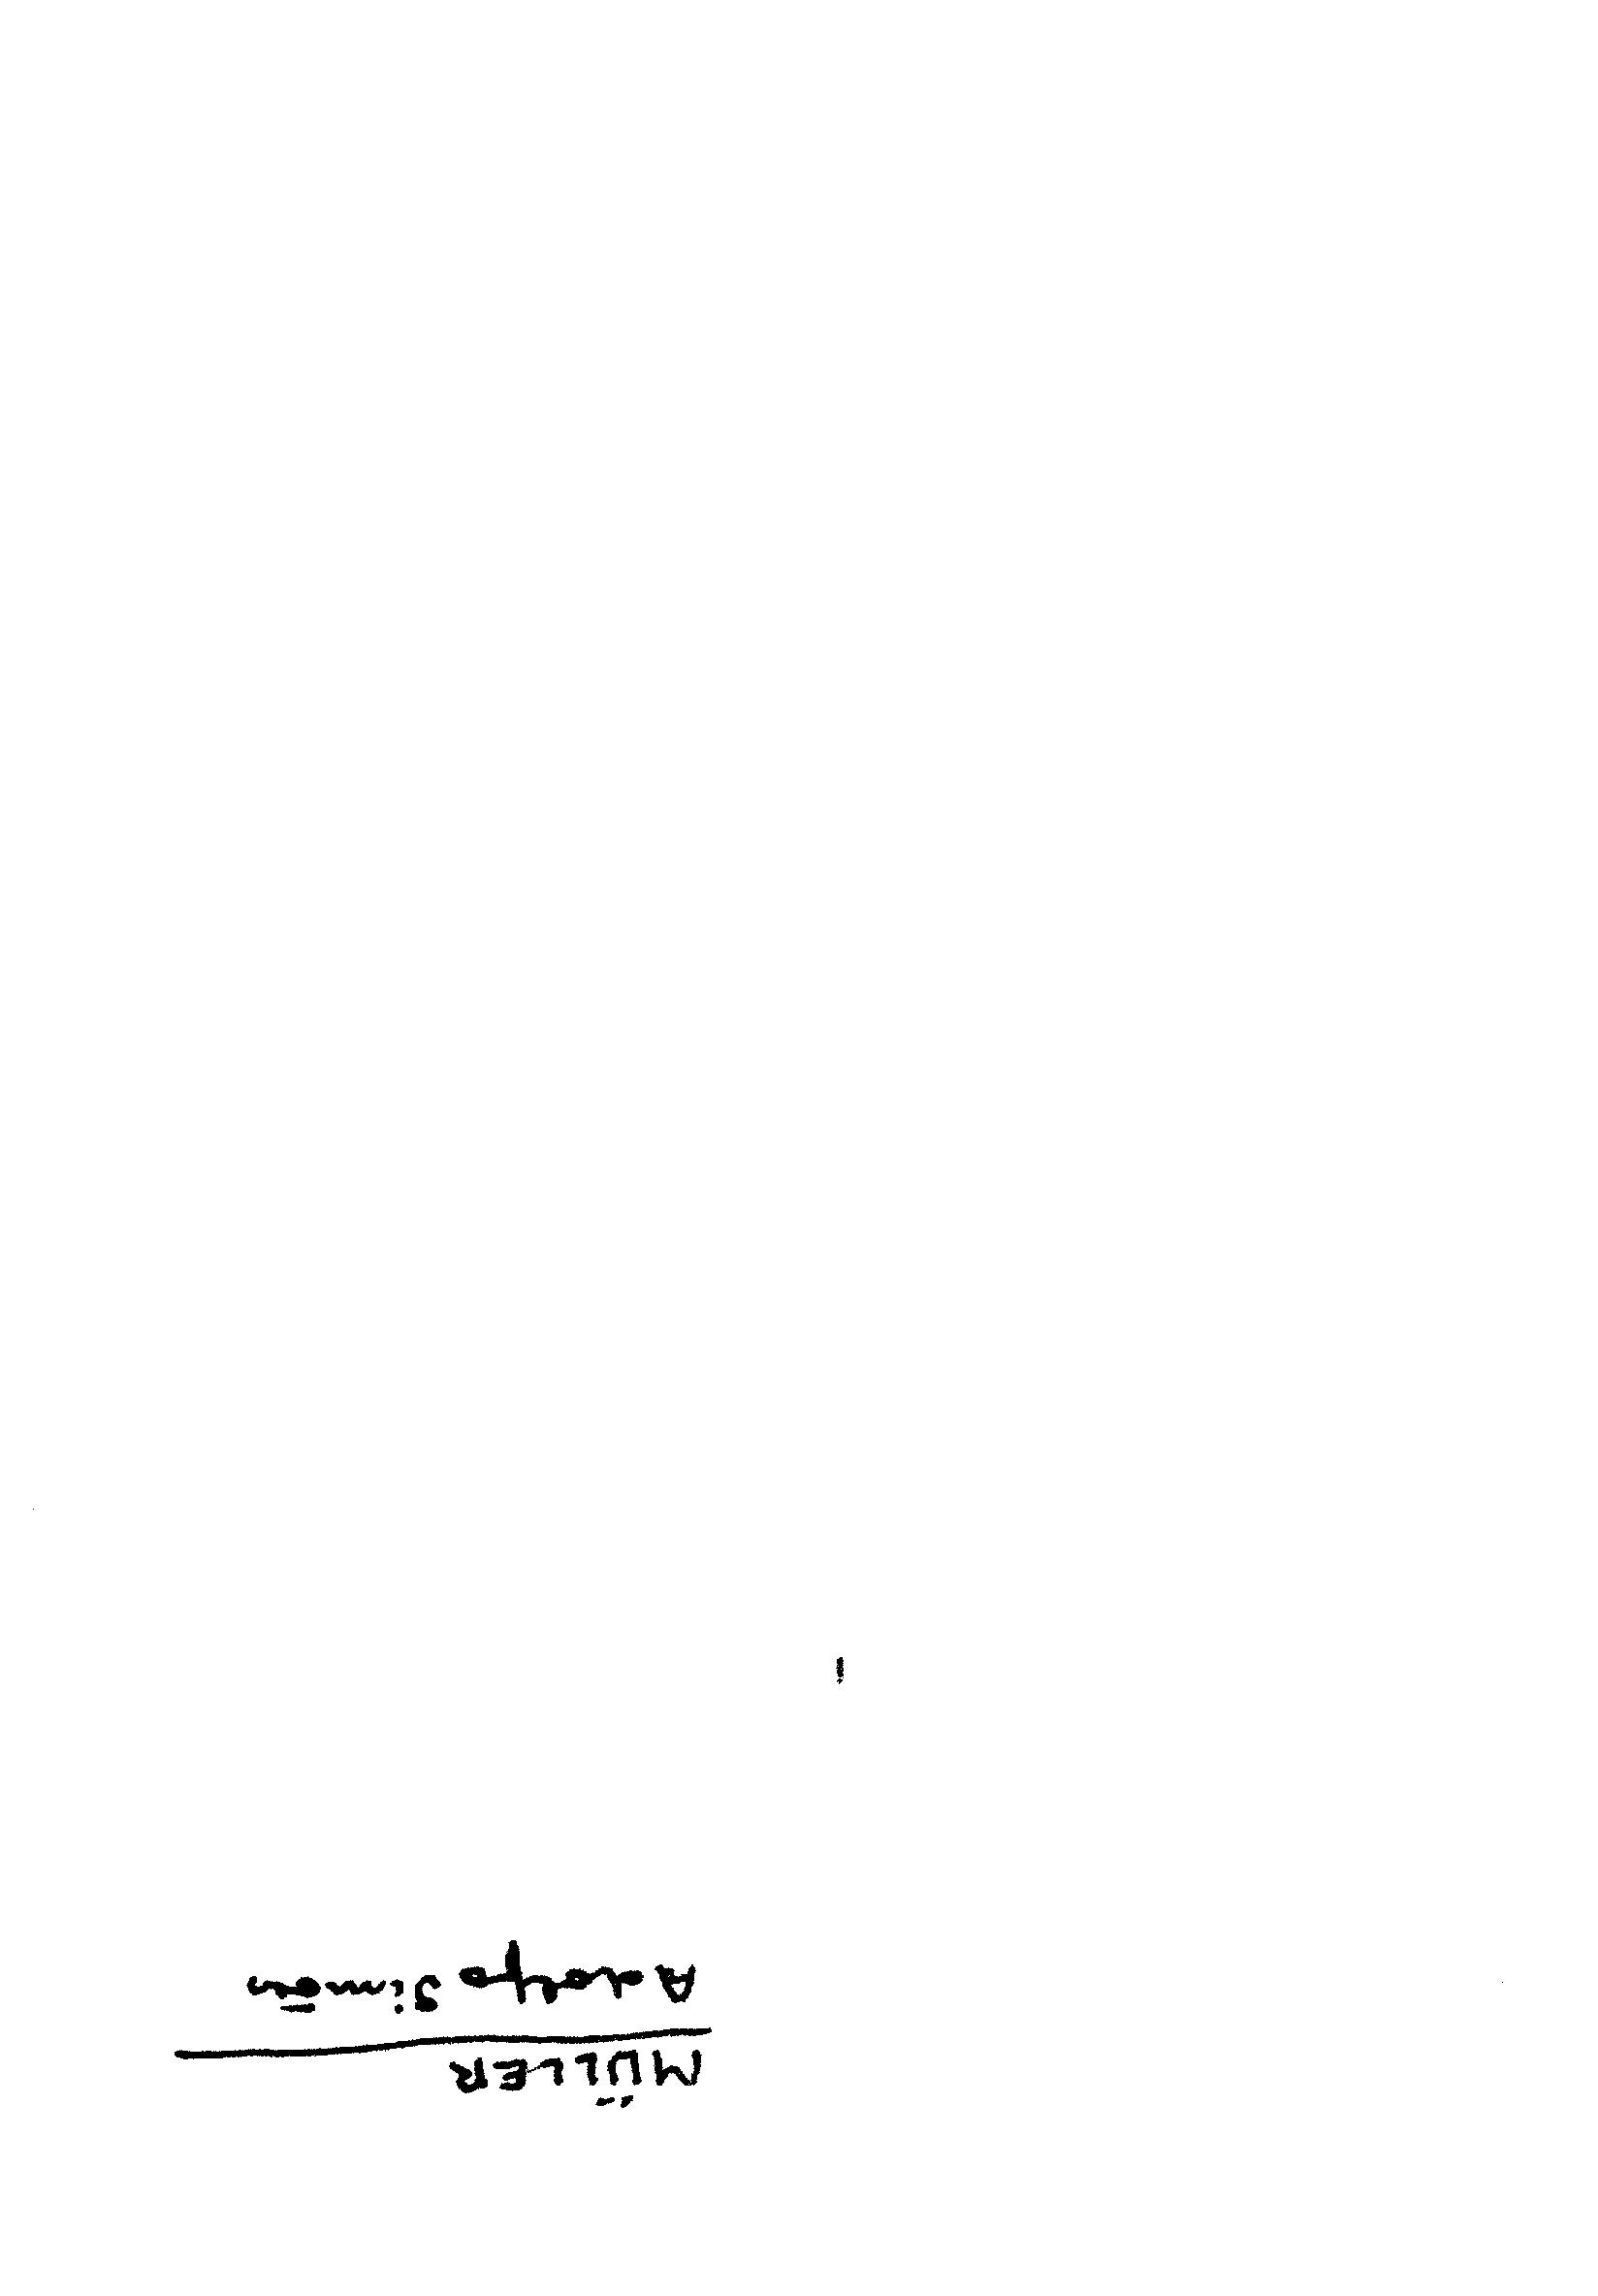 04547.023.001- pag.1